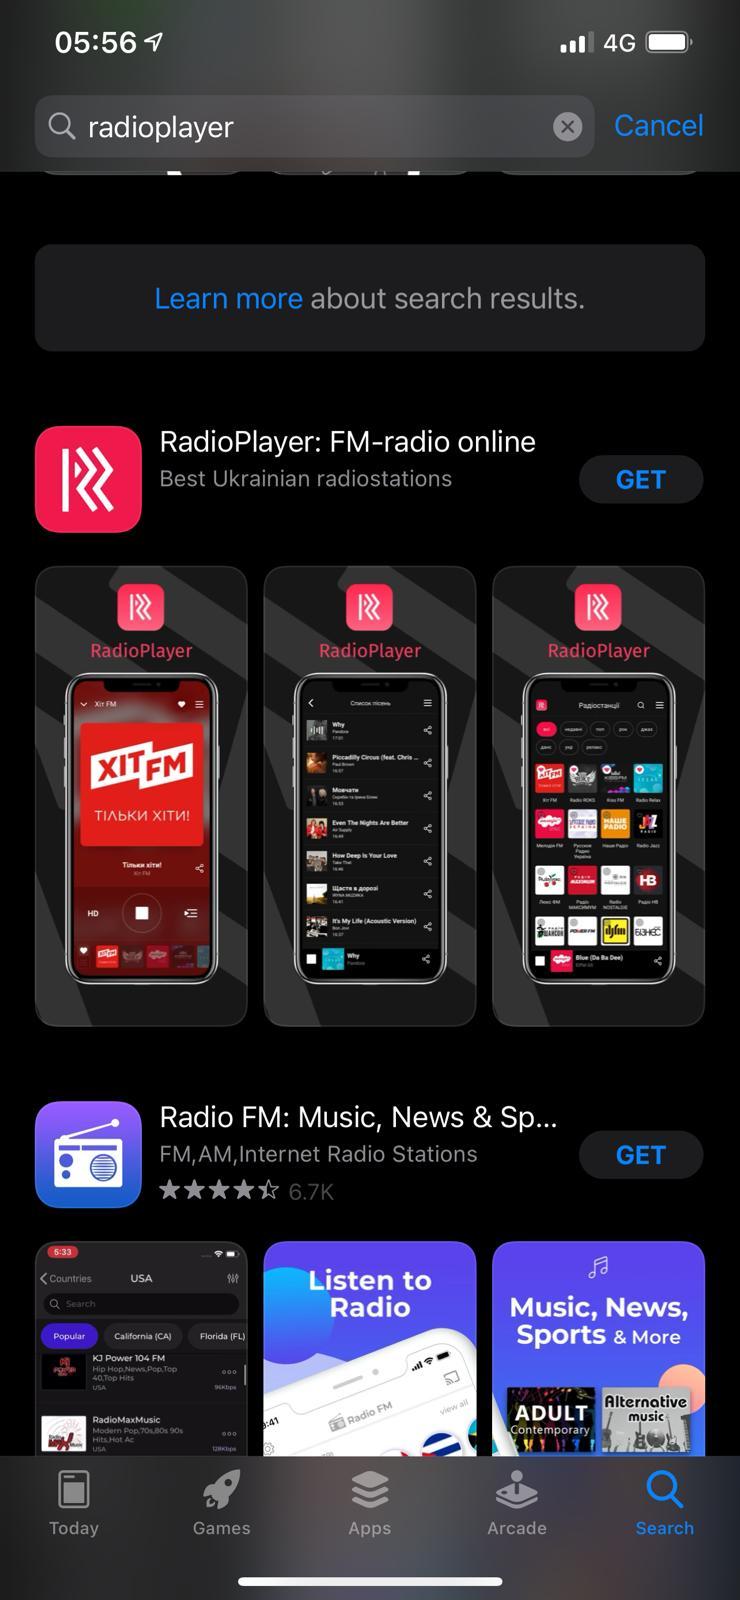 radioplayer ucraina carlo ottino - Radio. Radioplayer: ridda di osservazioni alle dichiarazioni di Ottino a riguardo di switch, esclusioni e limitazioni territoriali